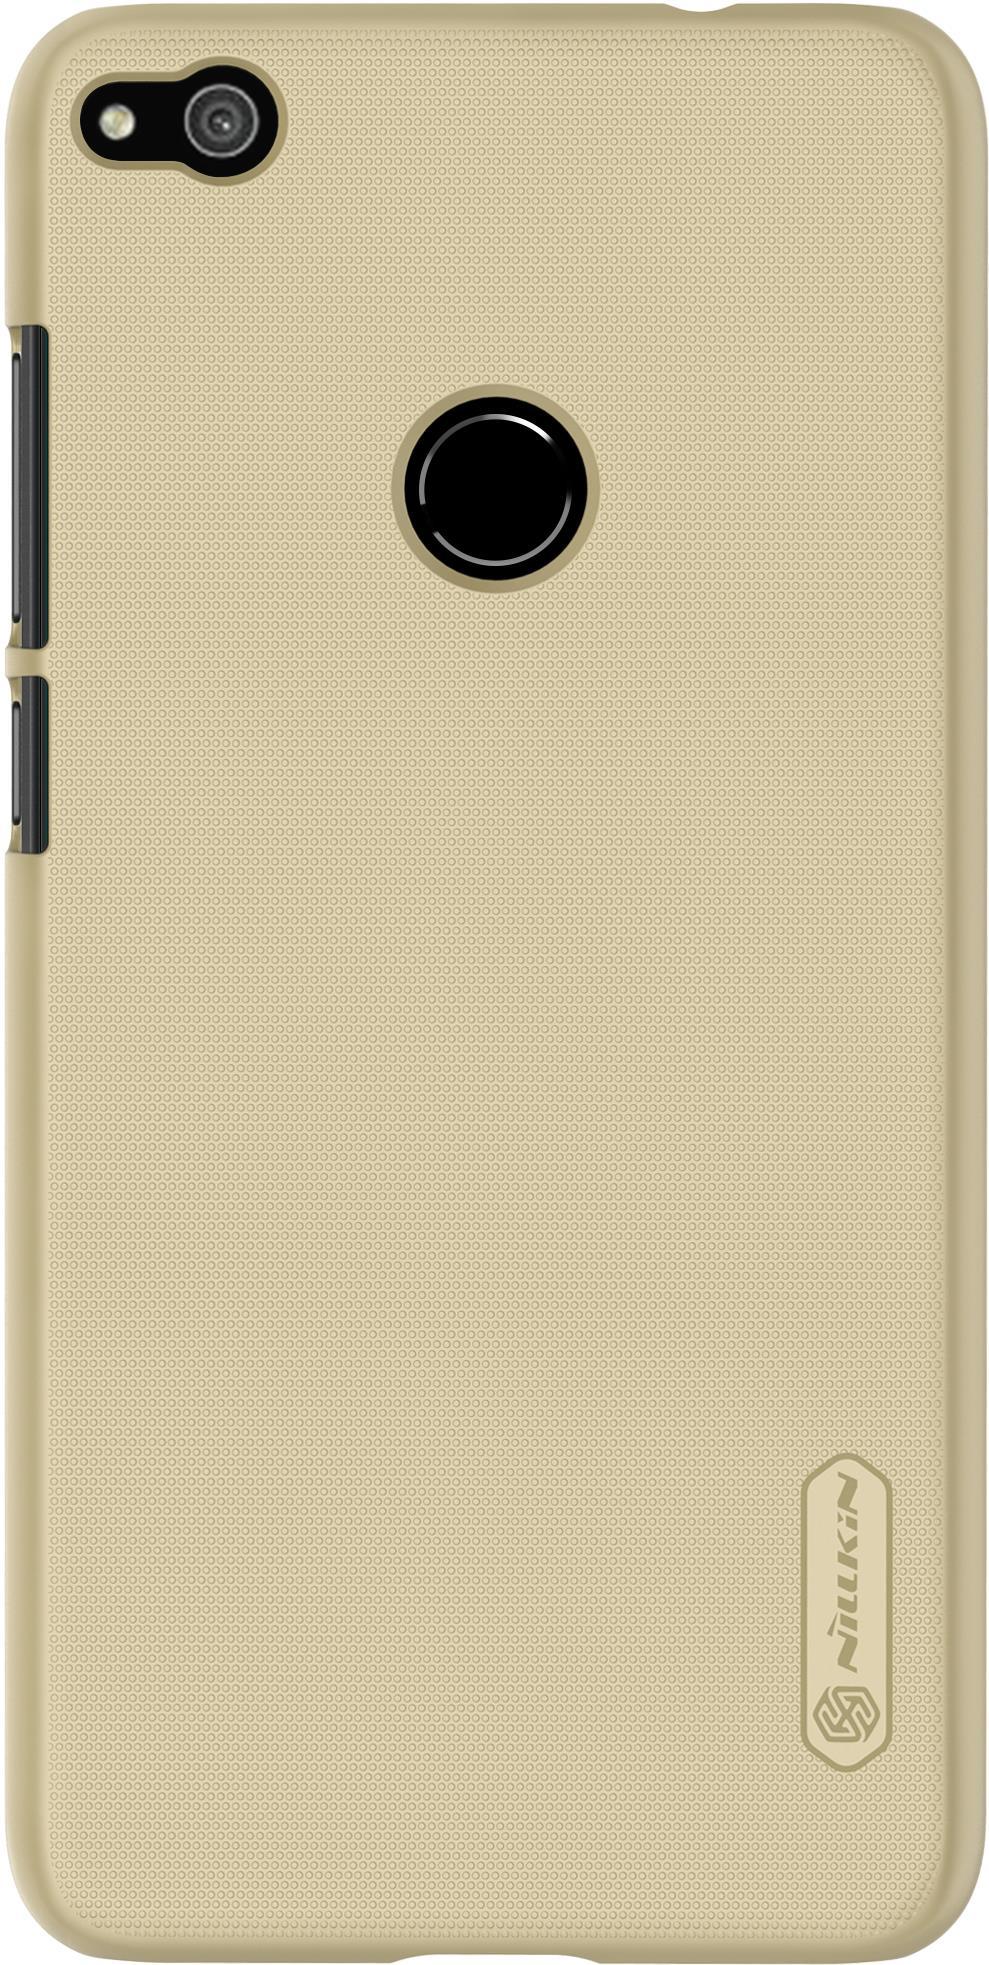 Чехол для сотового телефона Nillkin T-N-HP8L2017-002, черный не трогайте меня pattern мягкий тонкий тпу резиновый силиконовый гель дело чехол для huawei p8 lite